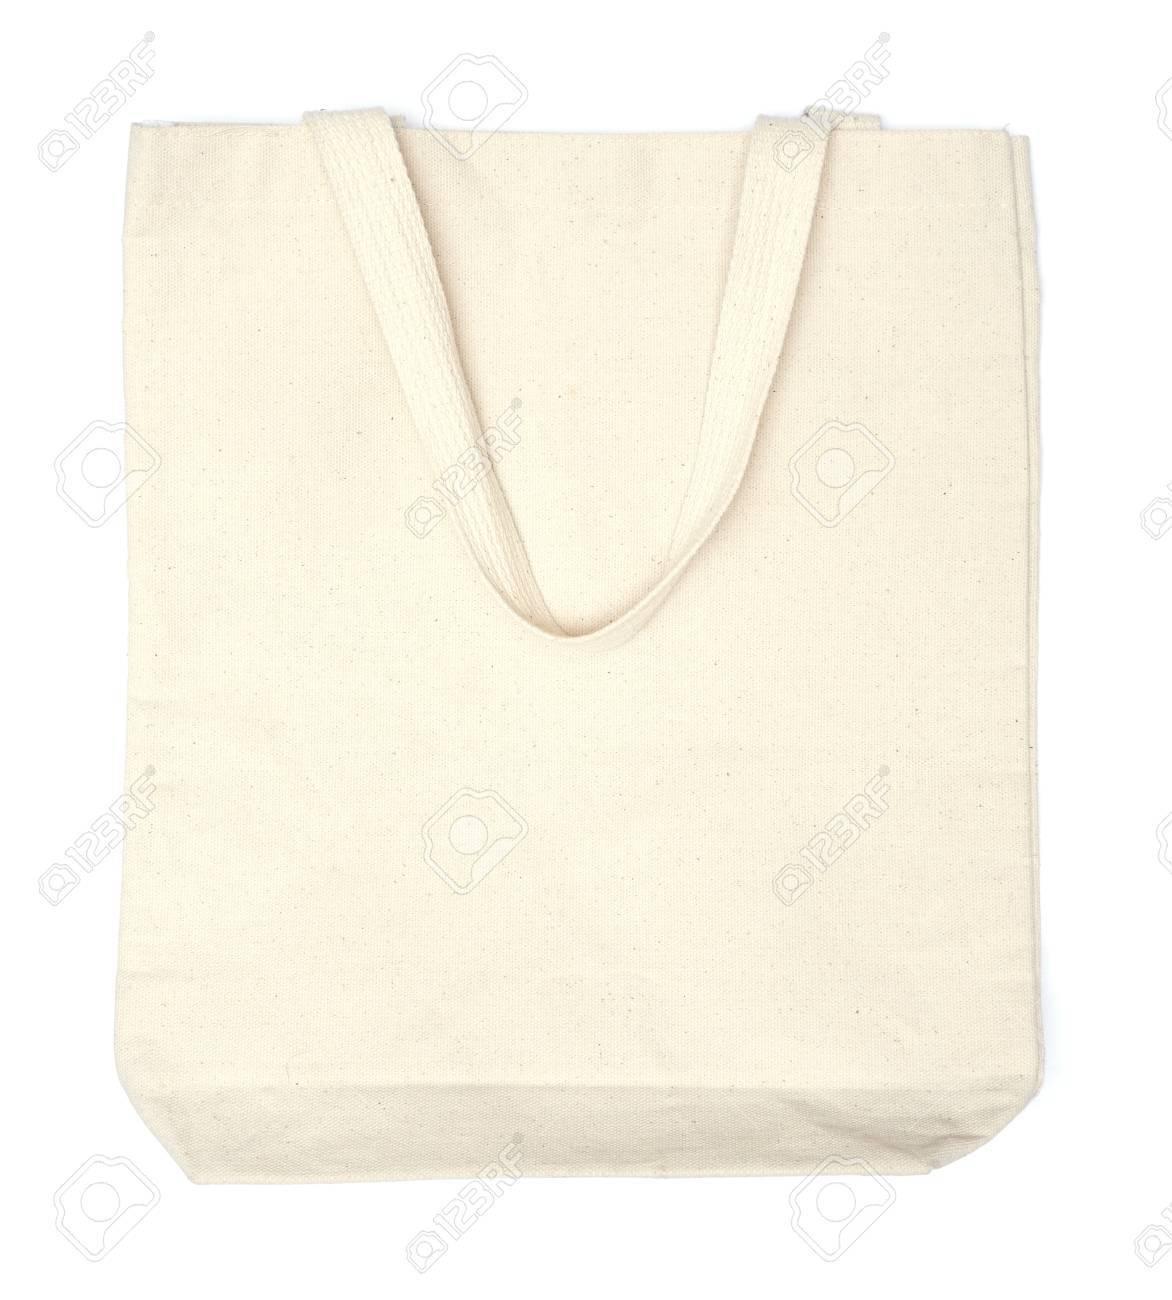 c61db02fc Crema de bolsas ecológicas de algodón en el fondo blanco Foto de archivo -  32566085